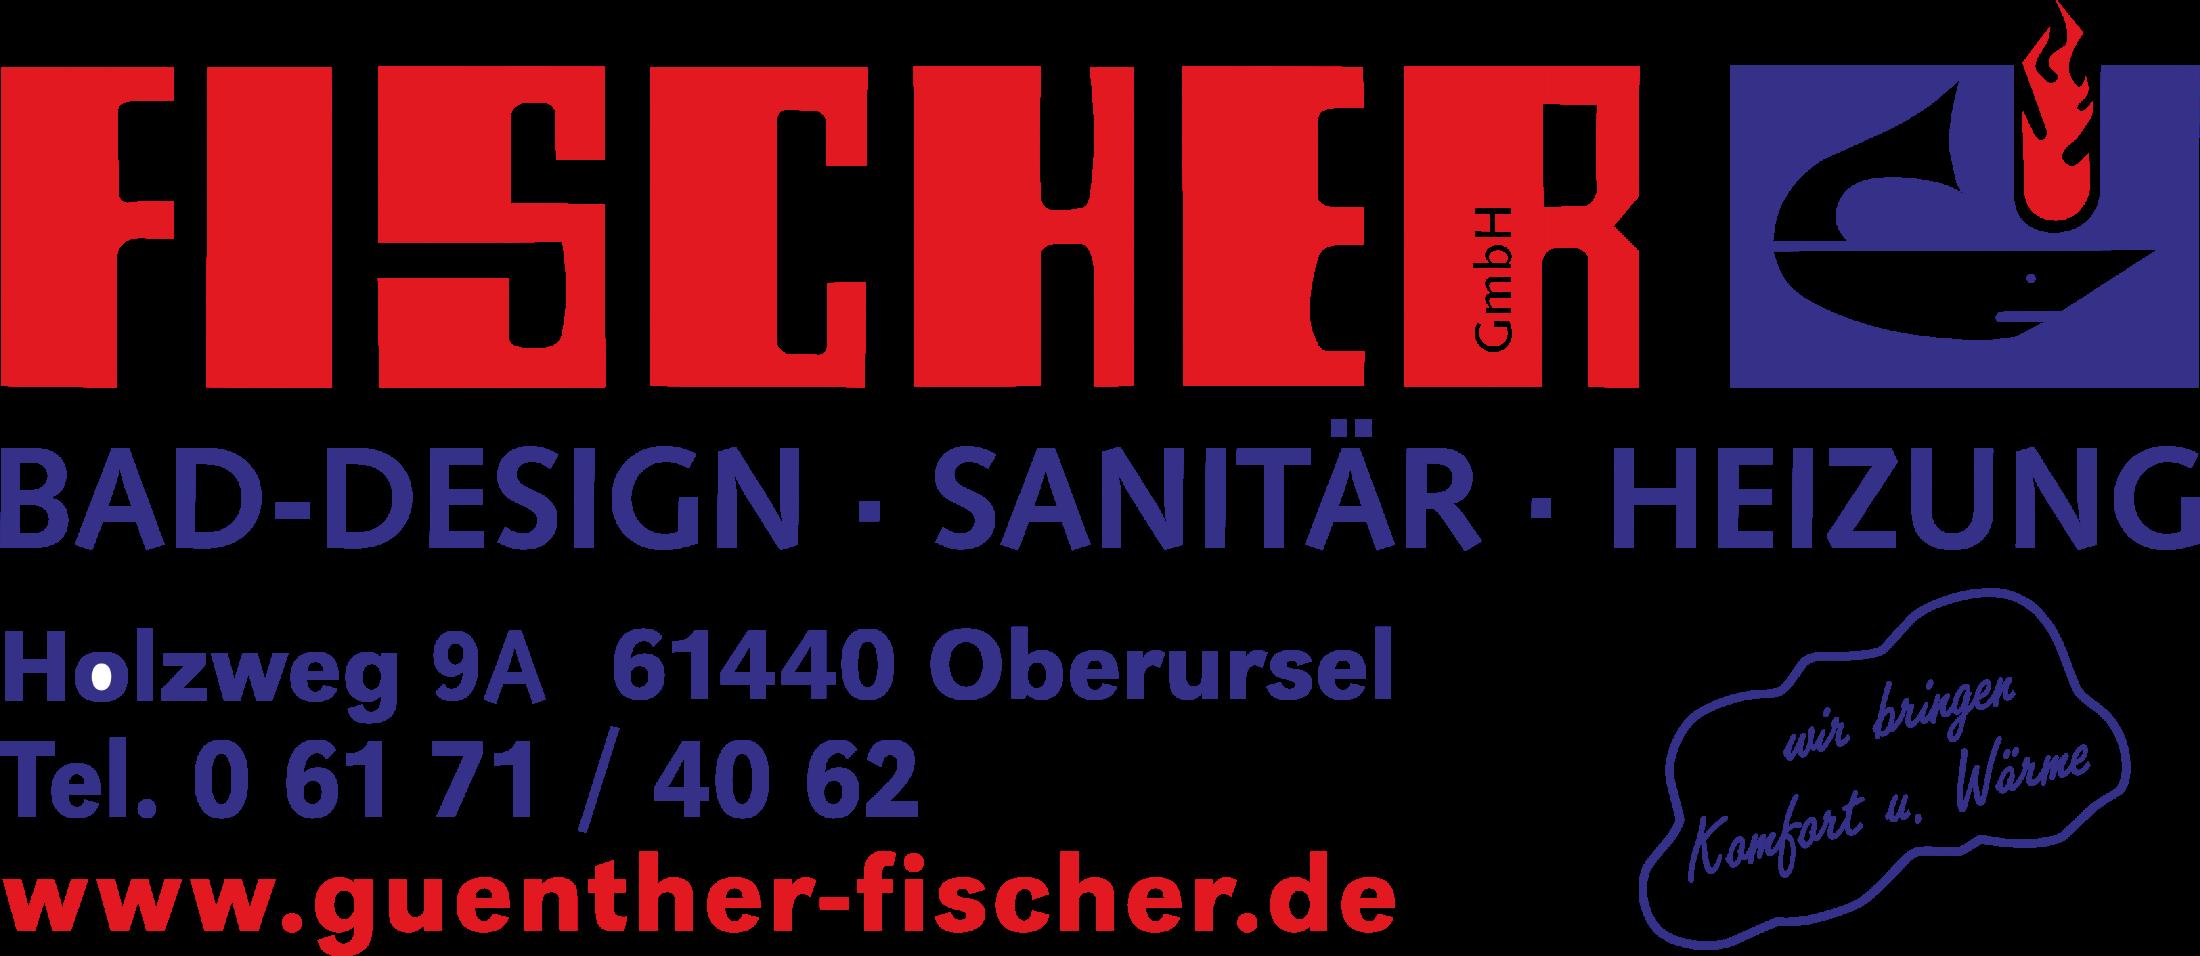 Heizung-Sanitär Fischer Oberursel